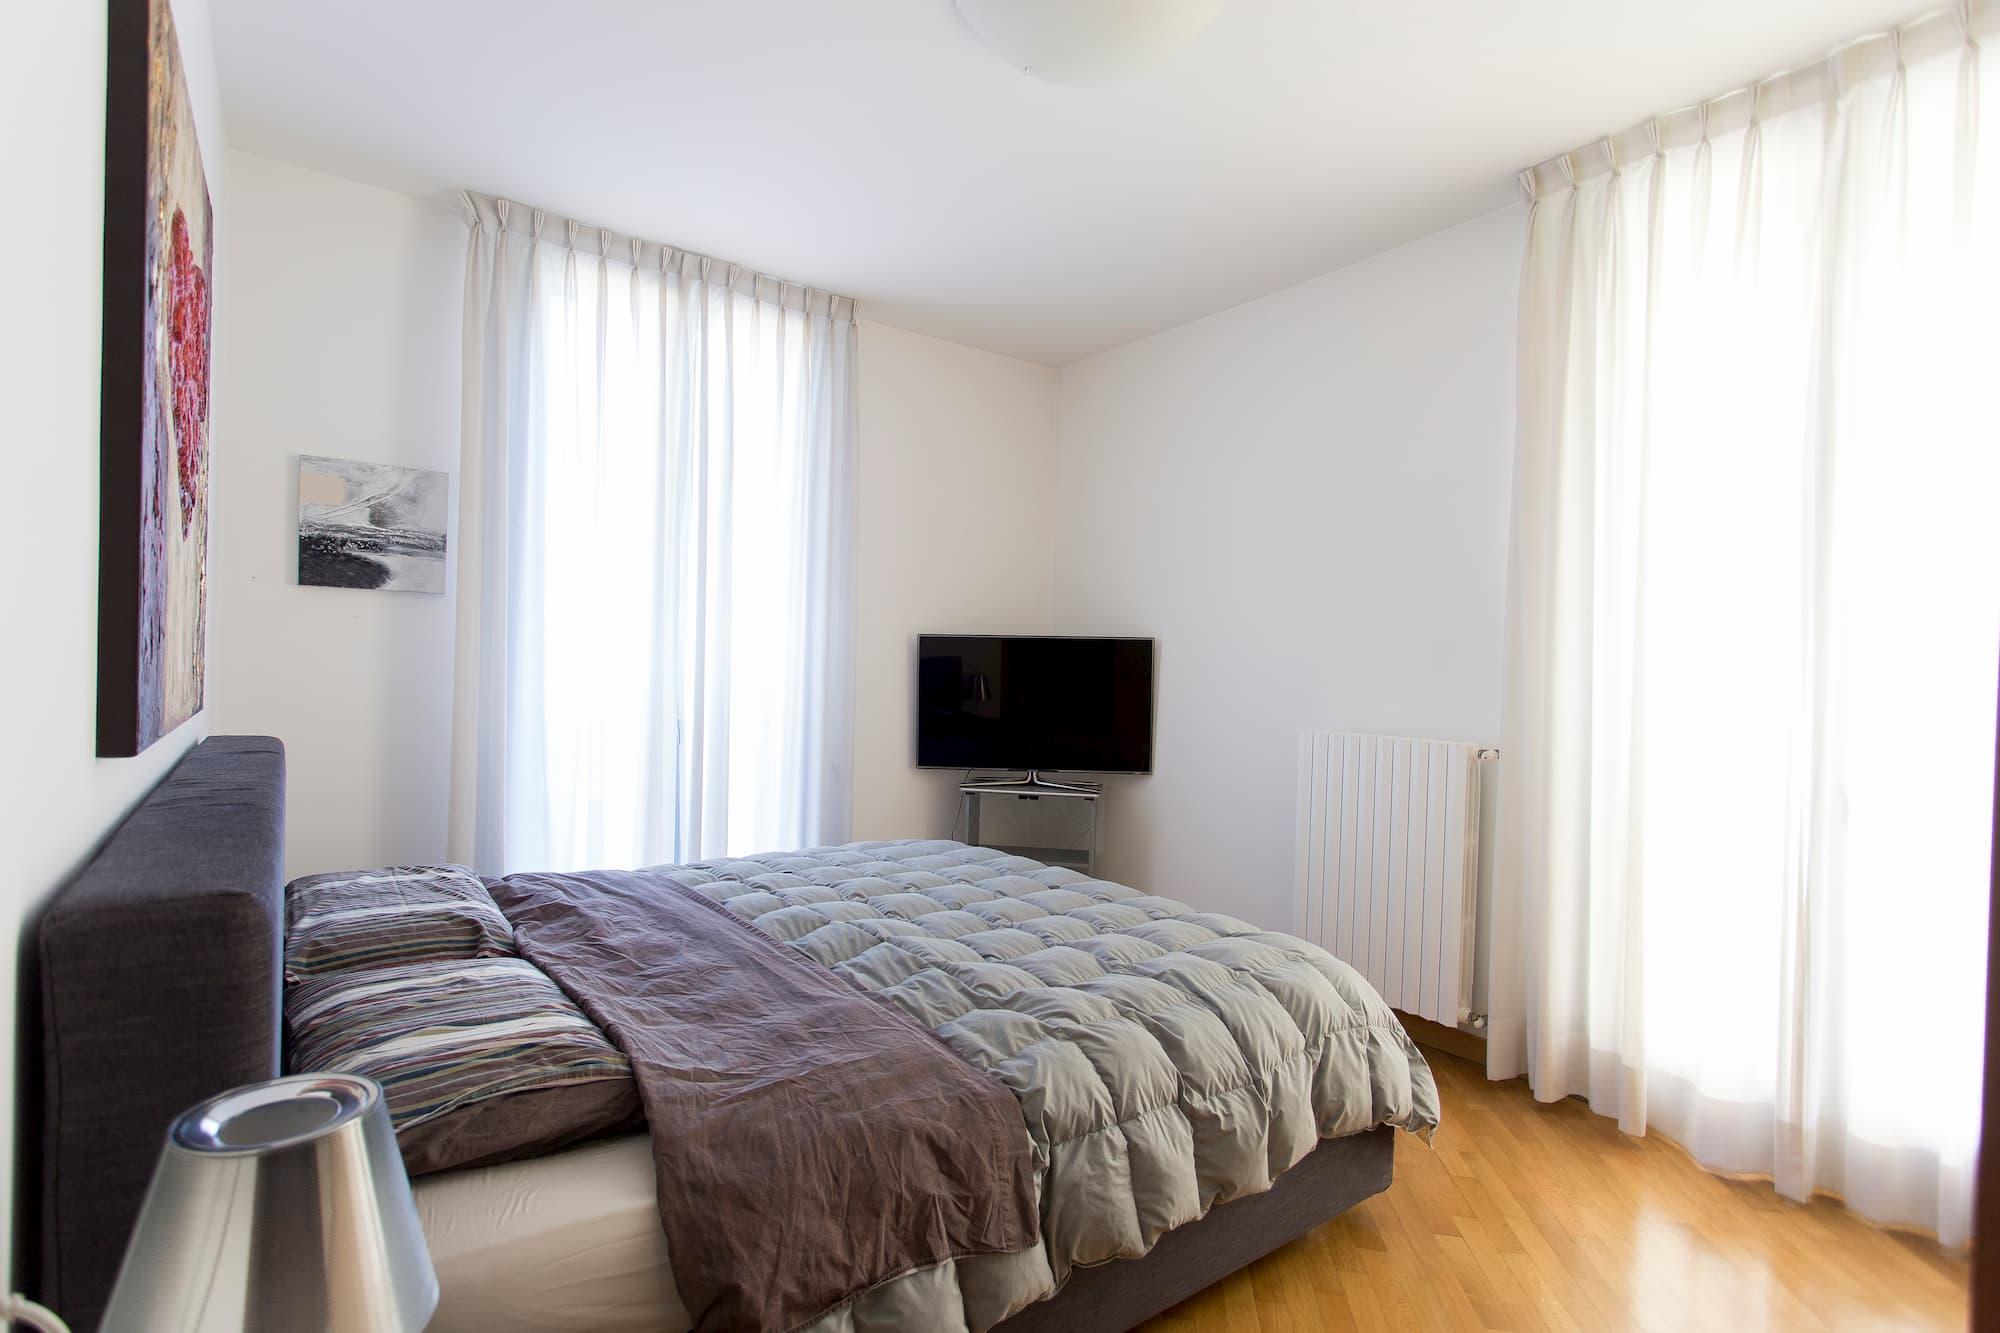 Foto di interni per appartamento 2019